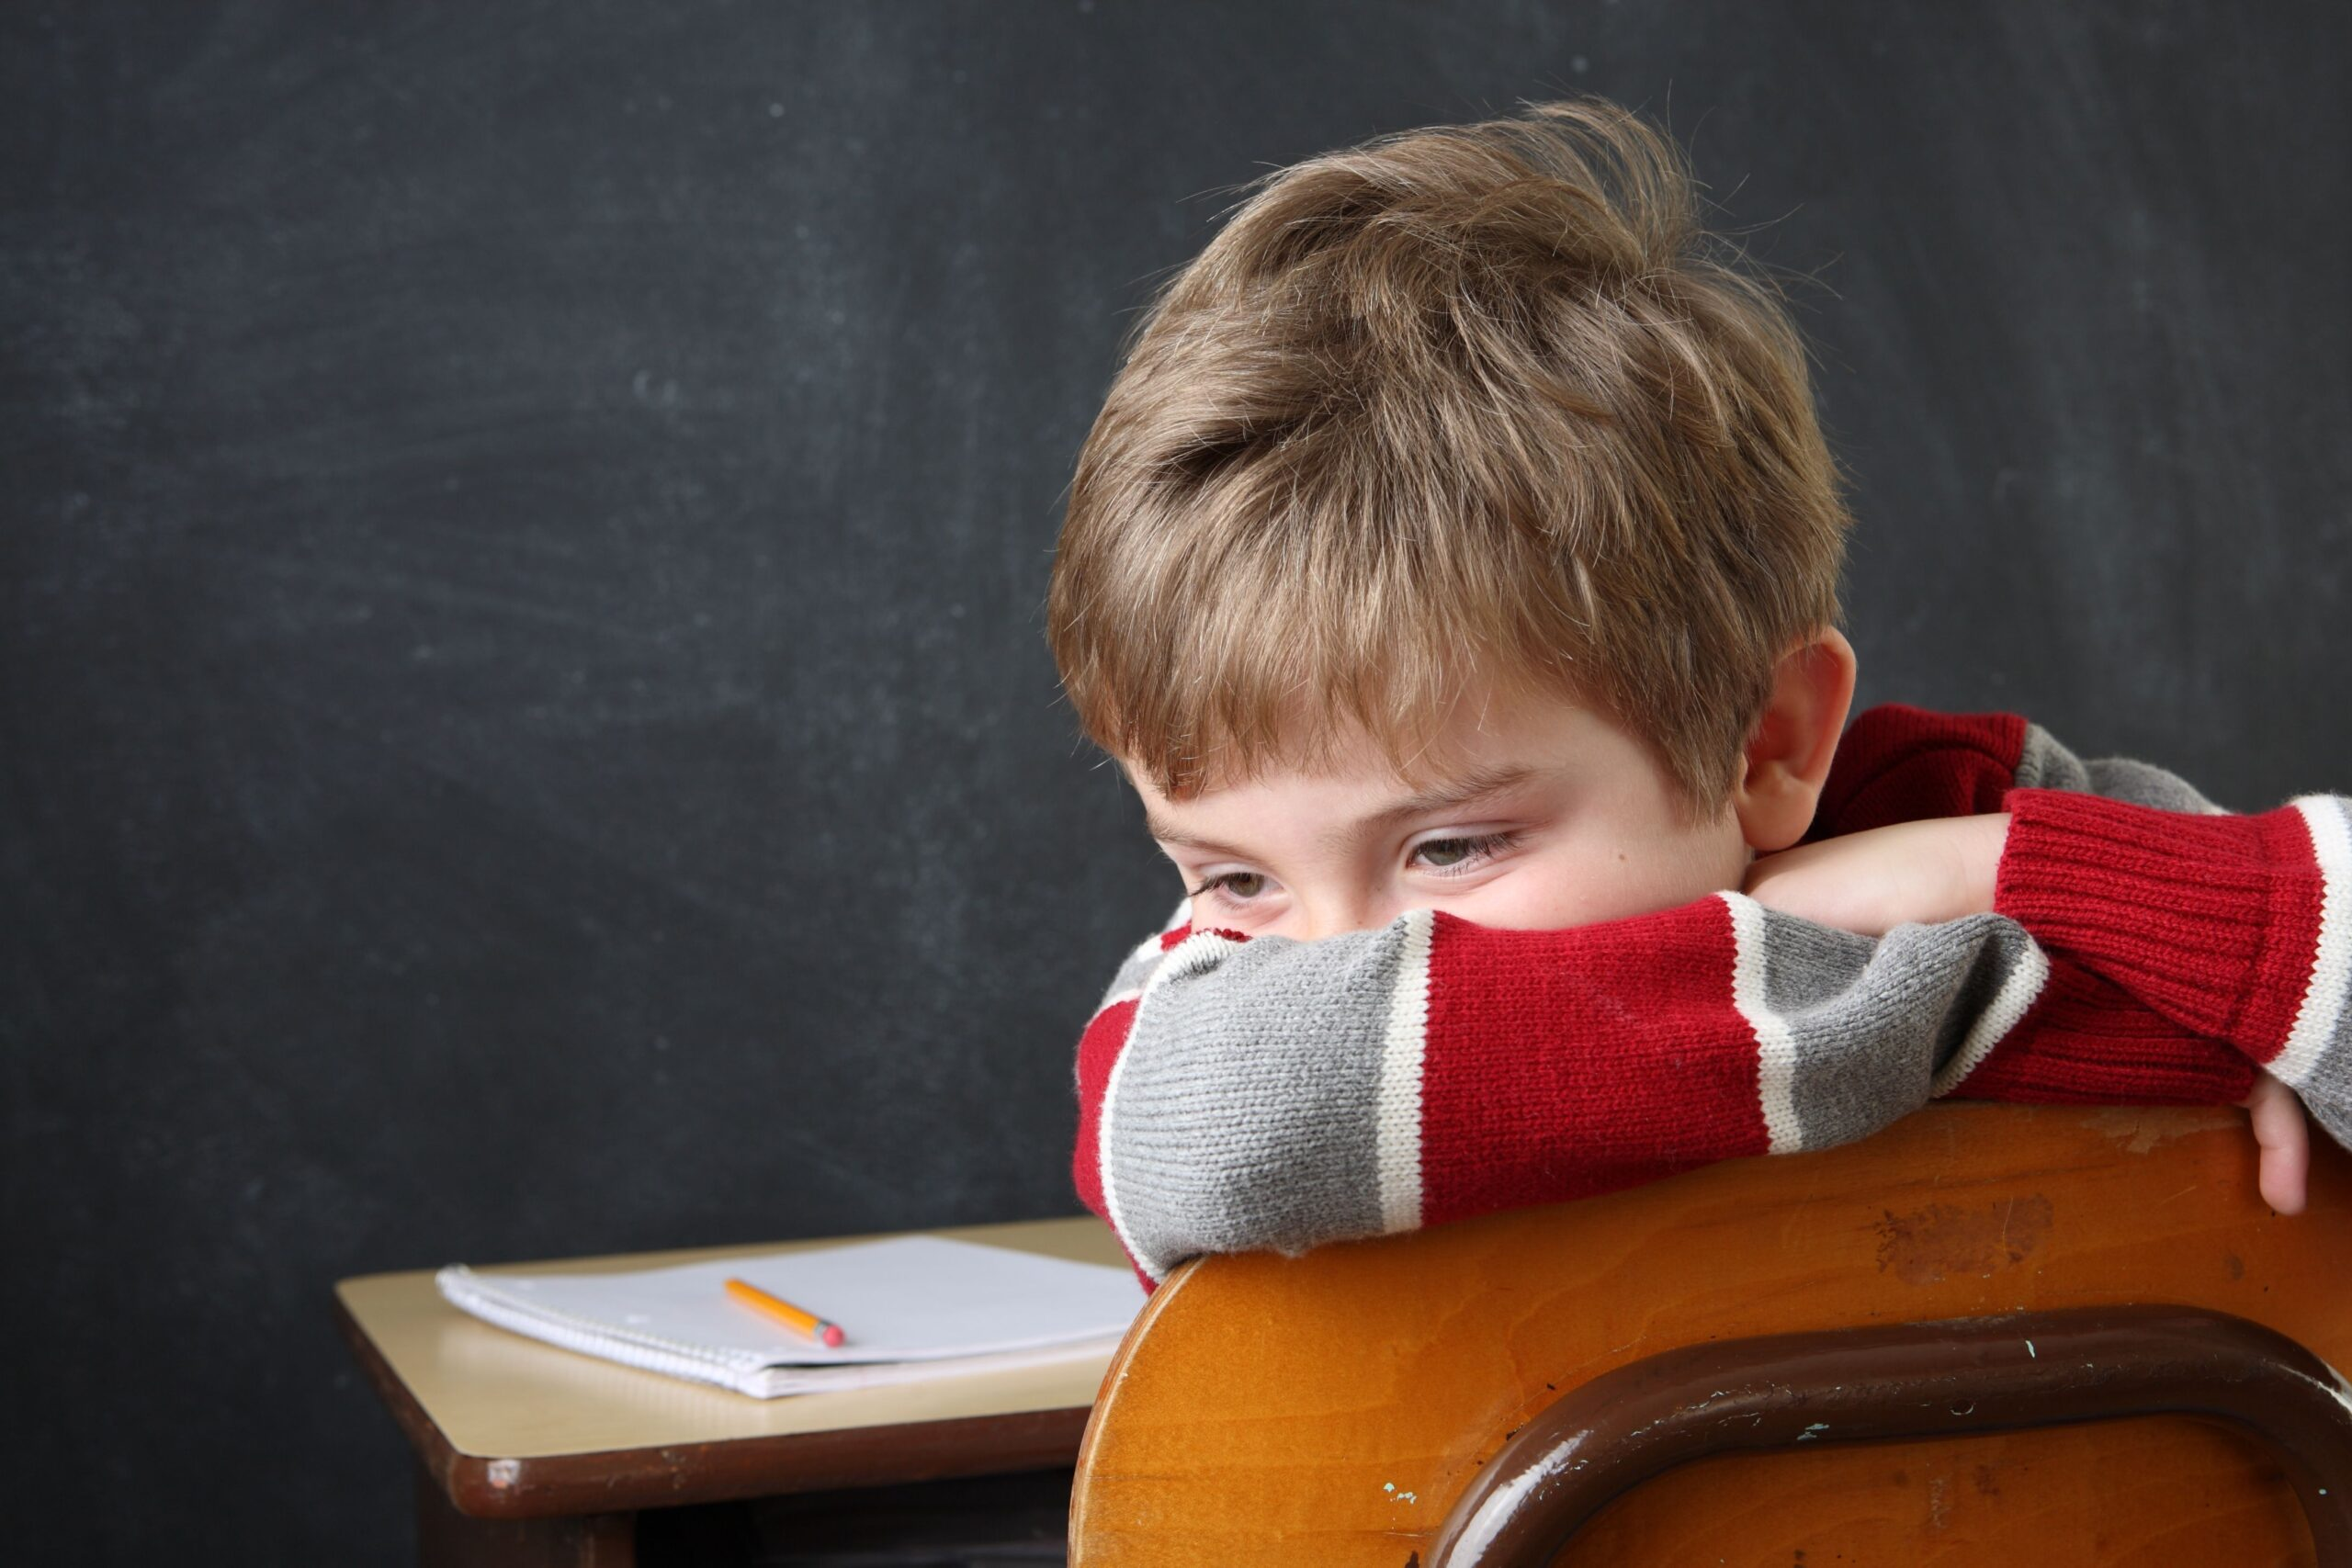 Déficit de atención en niños: las primeras señales de advertencia